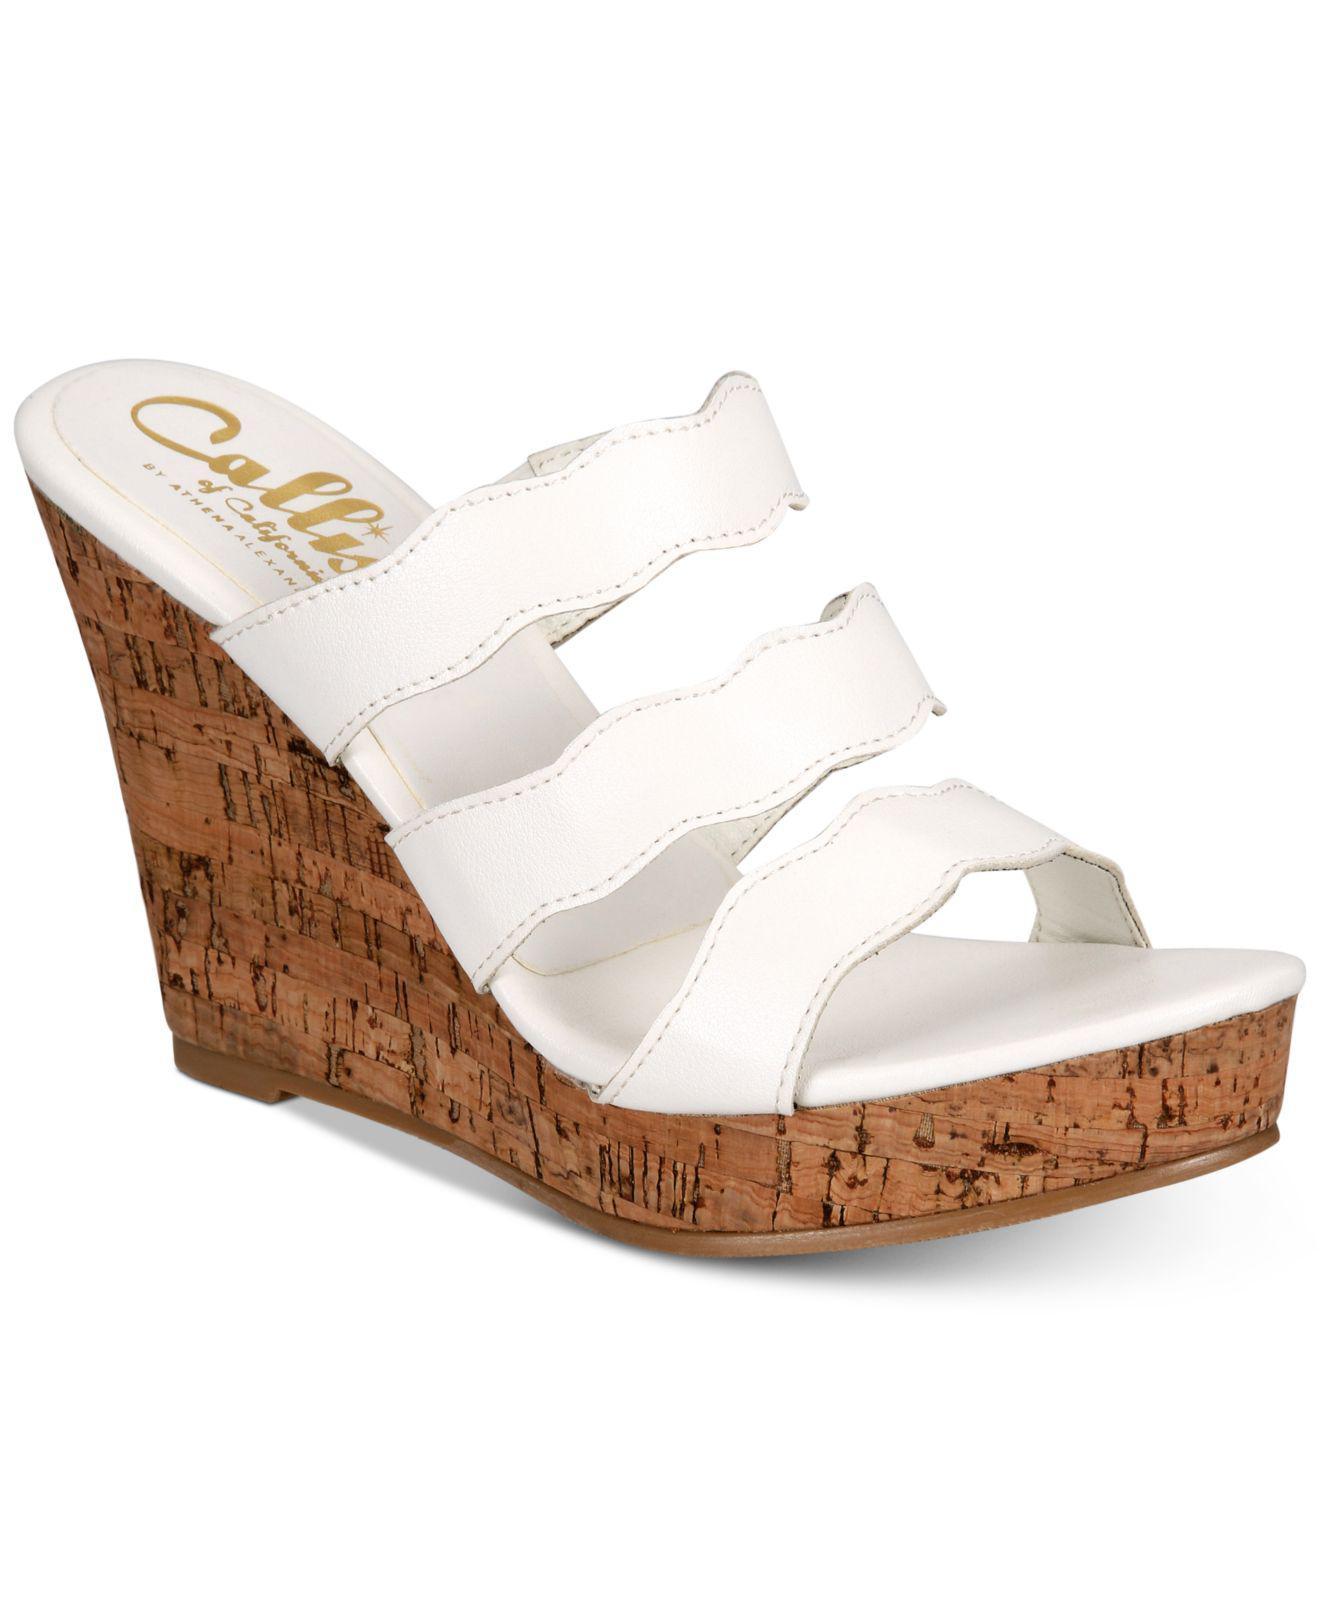 400dab9fc537 Callisto Flure Slip-on Platform Wedge Sandals in White - Lyst